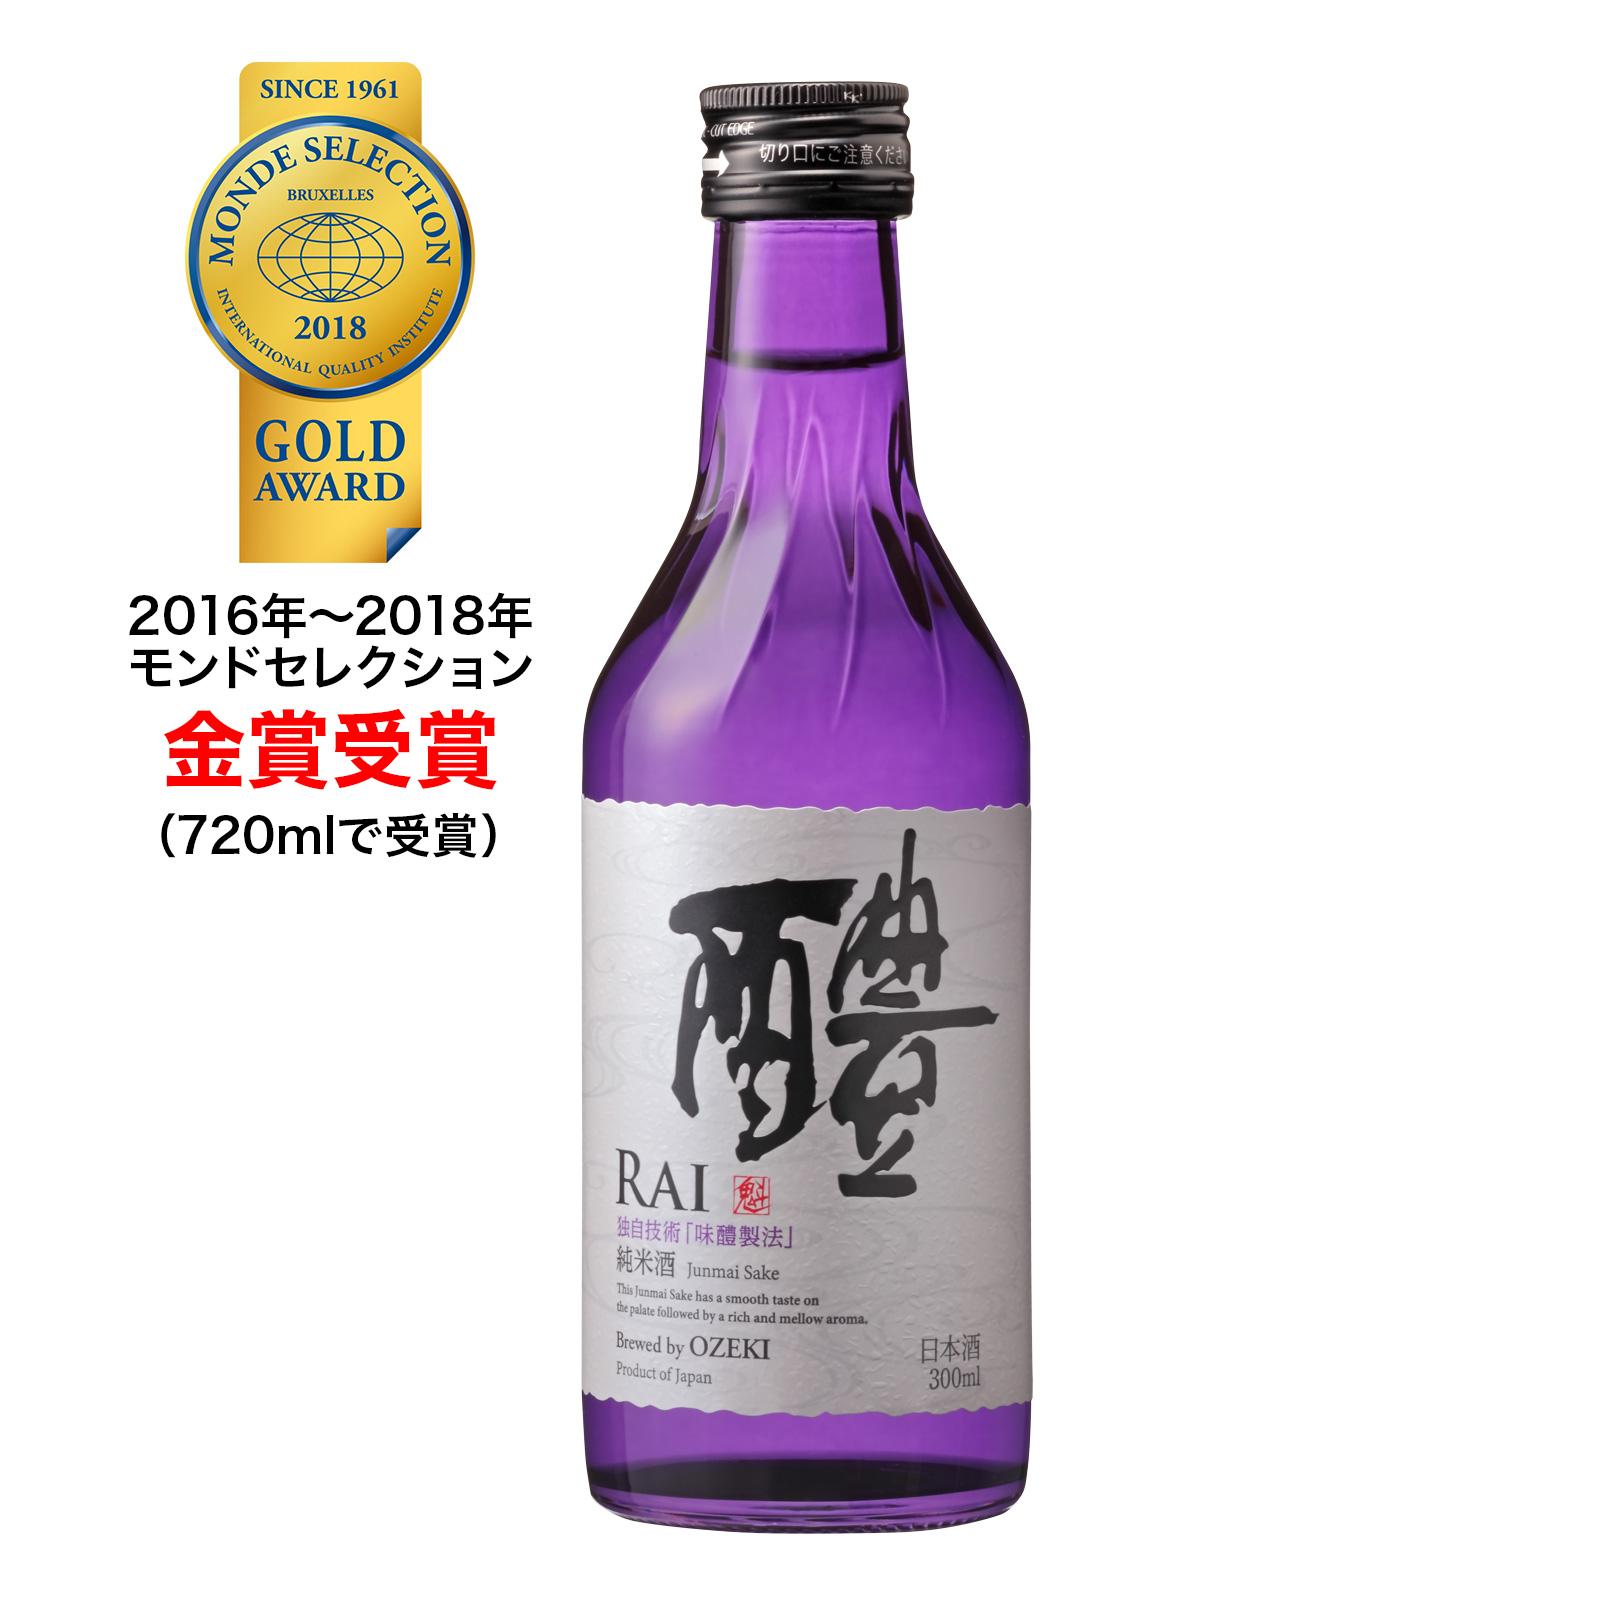 純米酒 醴(RAI)300ml